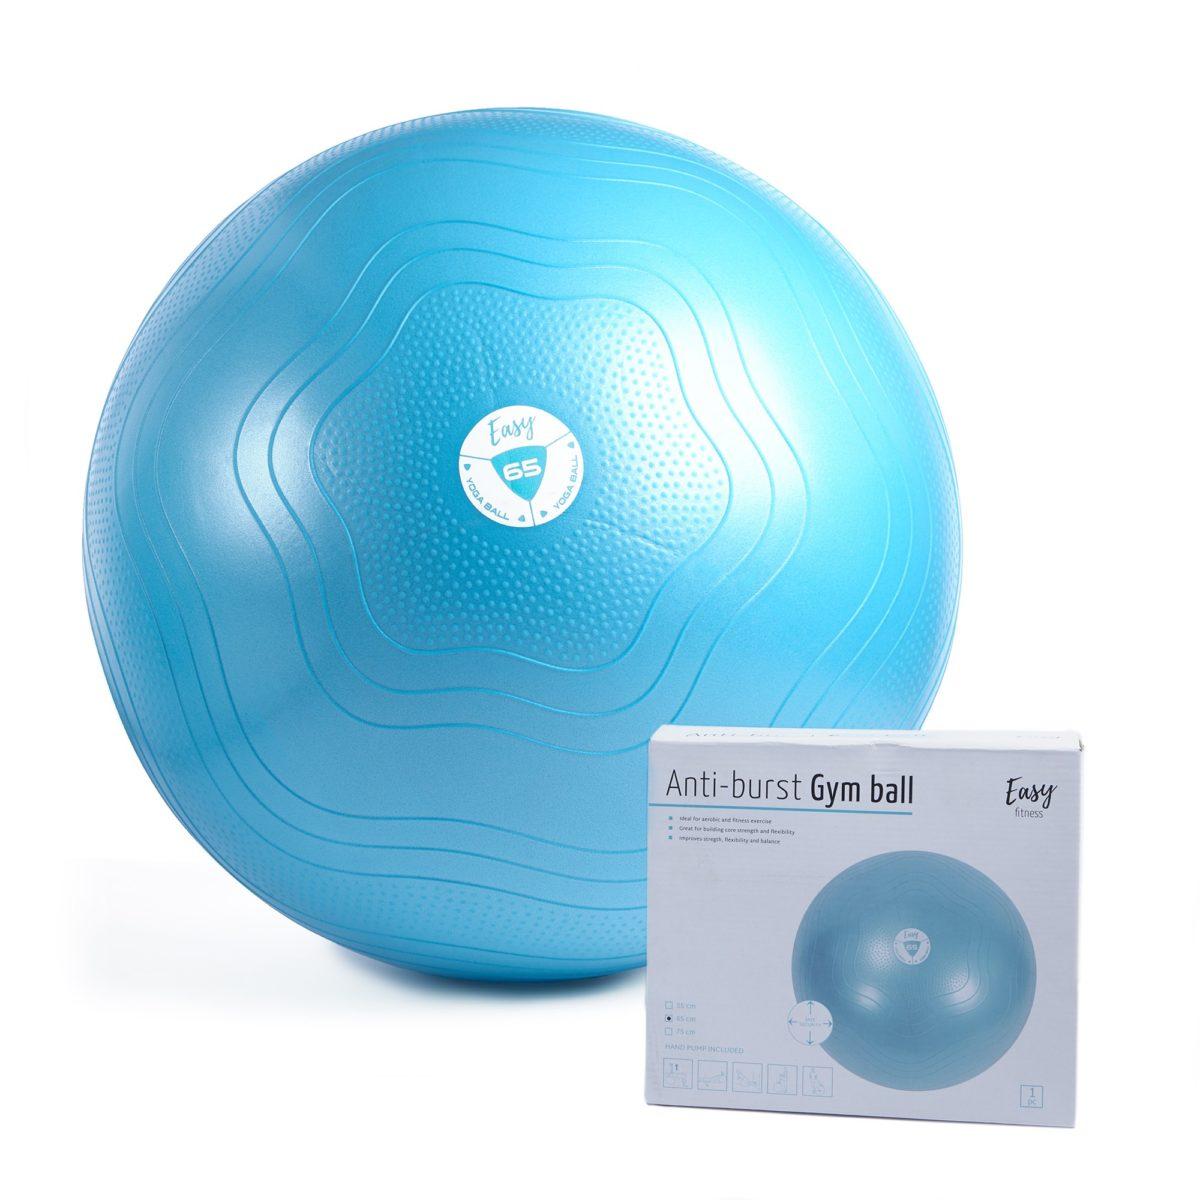 GYM BALL EASY FITNESS : Kolor - Niebieski, Pozostałe - 65cm